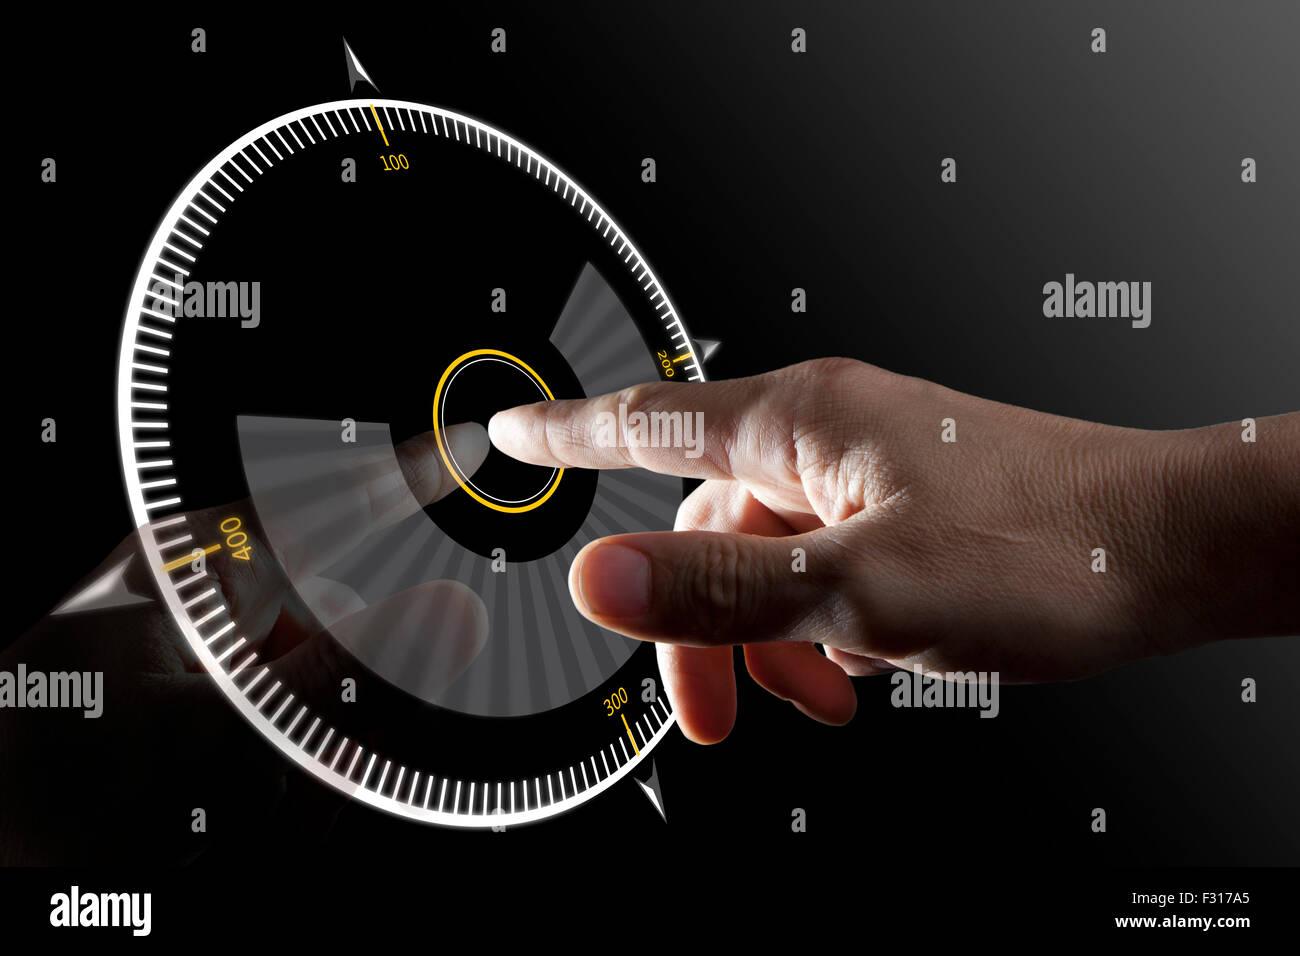 Toccate lo schermo con il dito sul pulsante virtuale con sfondo nero Immagini Stock